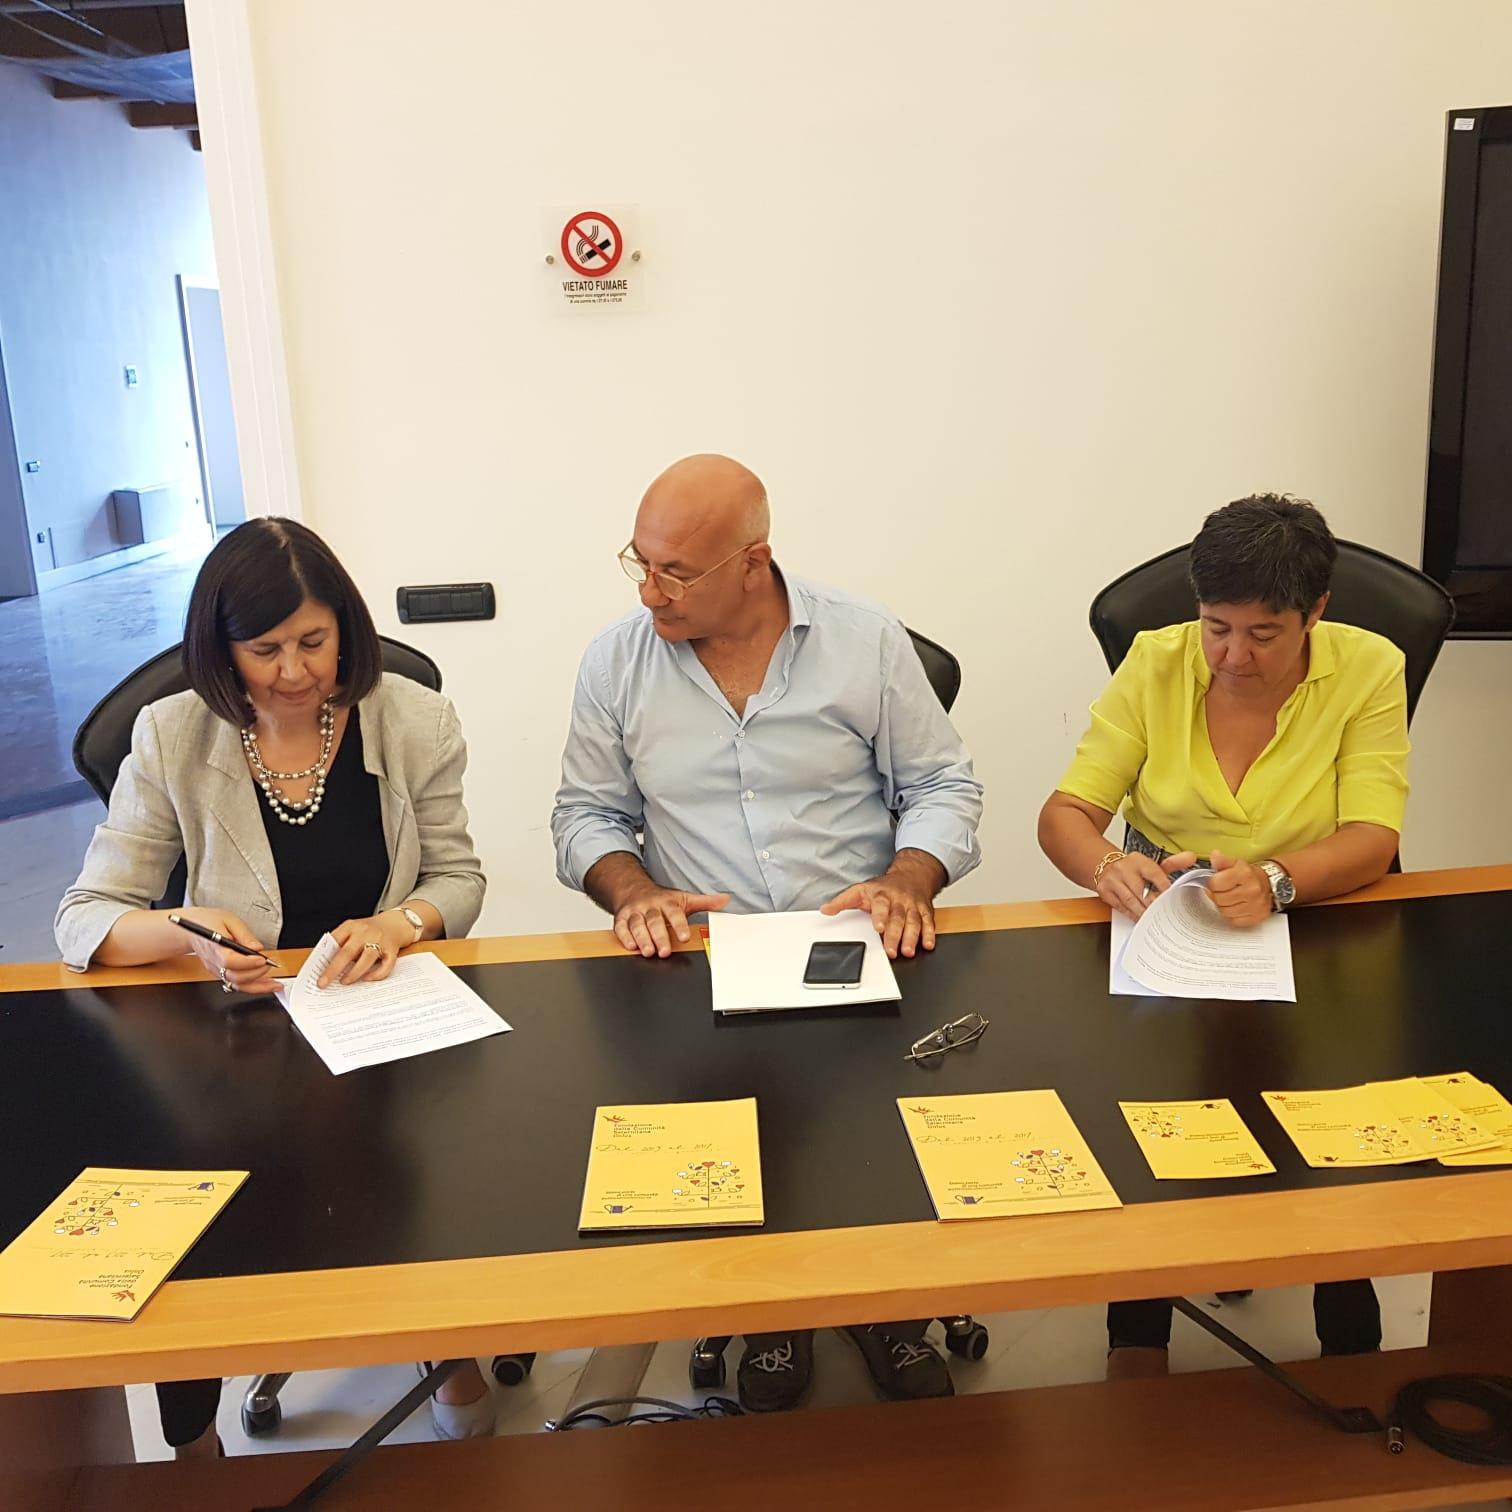 firma protocollo intesa - Soprintedendenza - Fondazione Salernitana-Casule-Faiella-Autuori